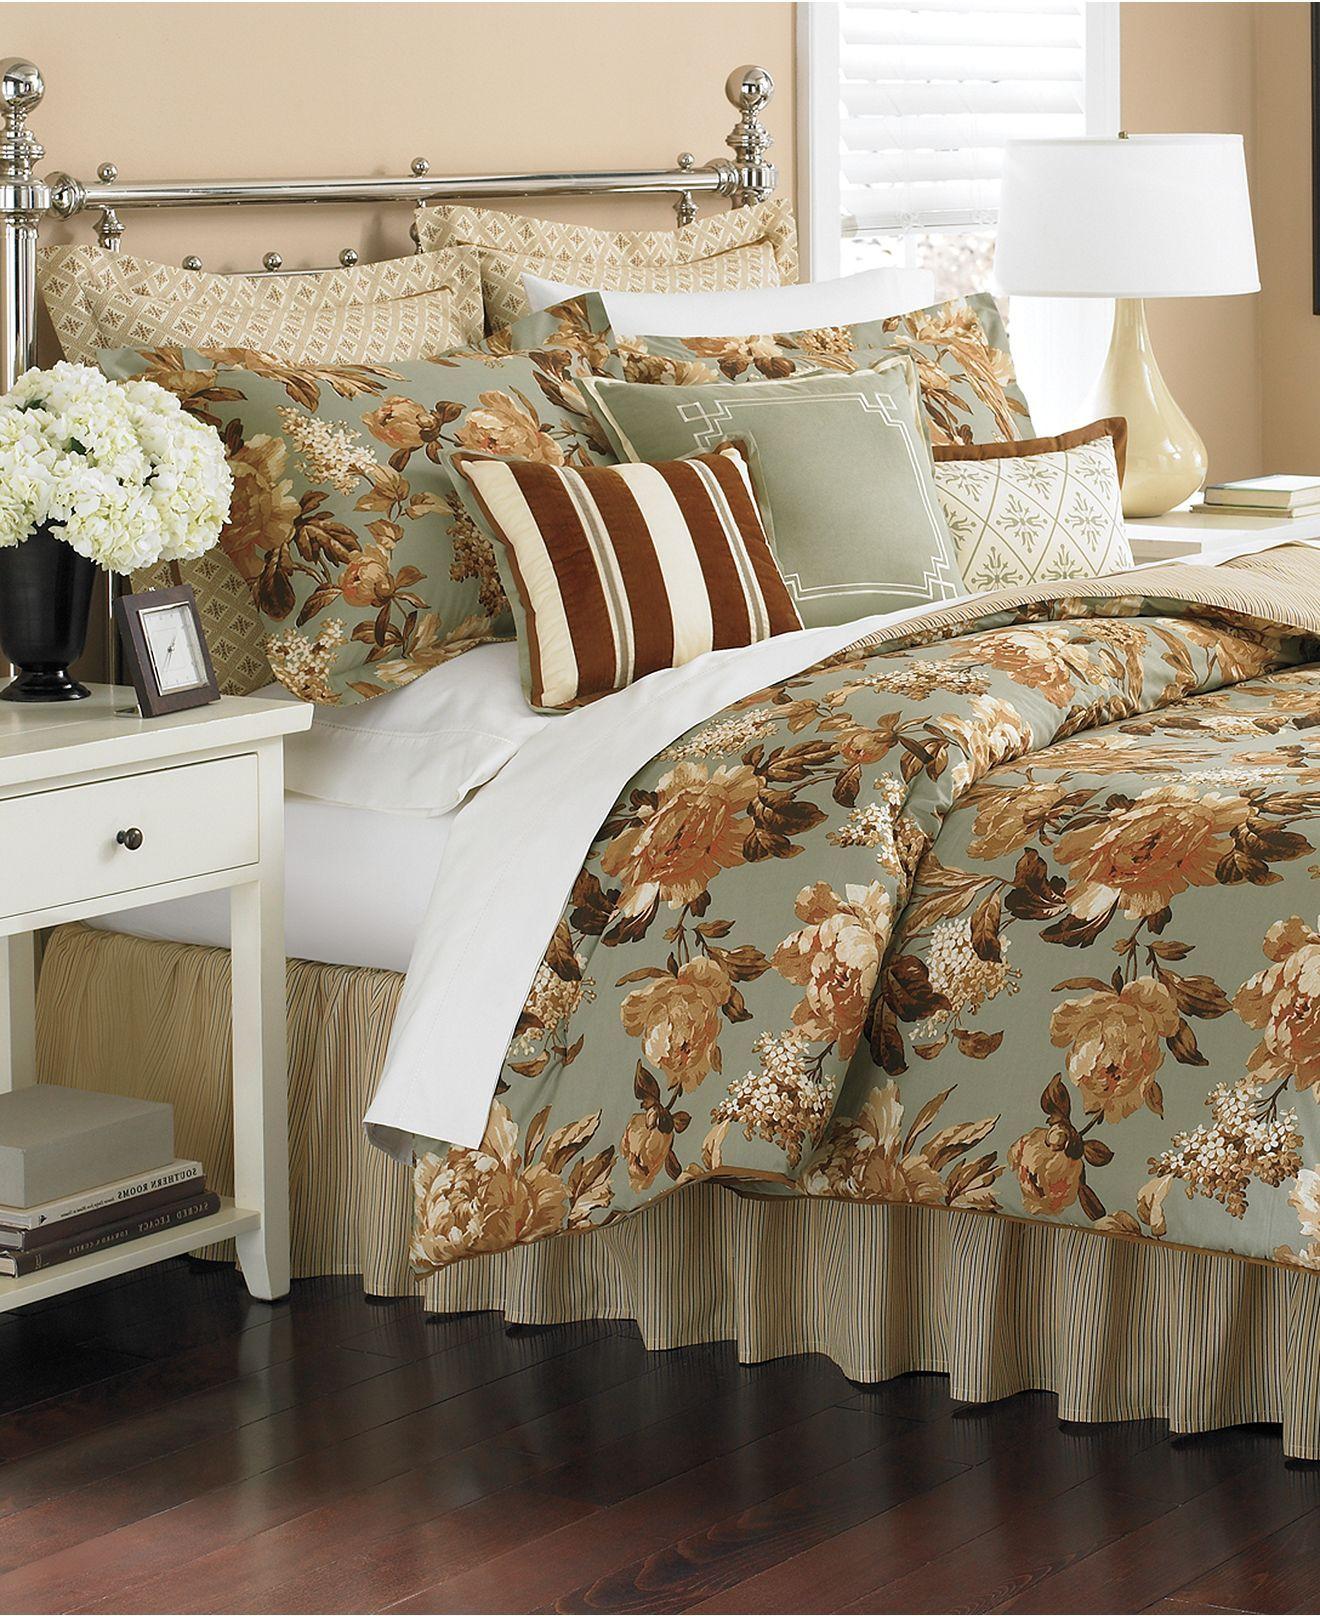 Martha Stewart Bedroom: Martha Stewart Collection Bedding, Regent Garden